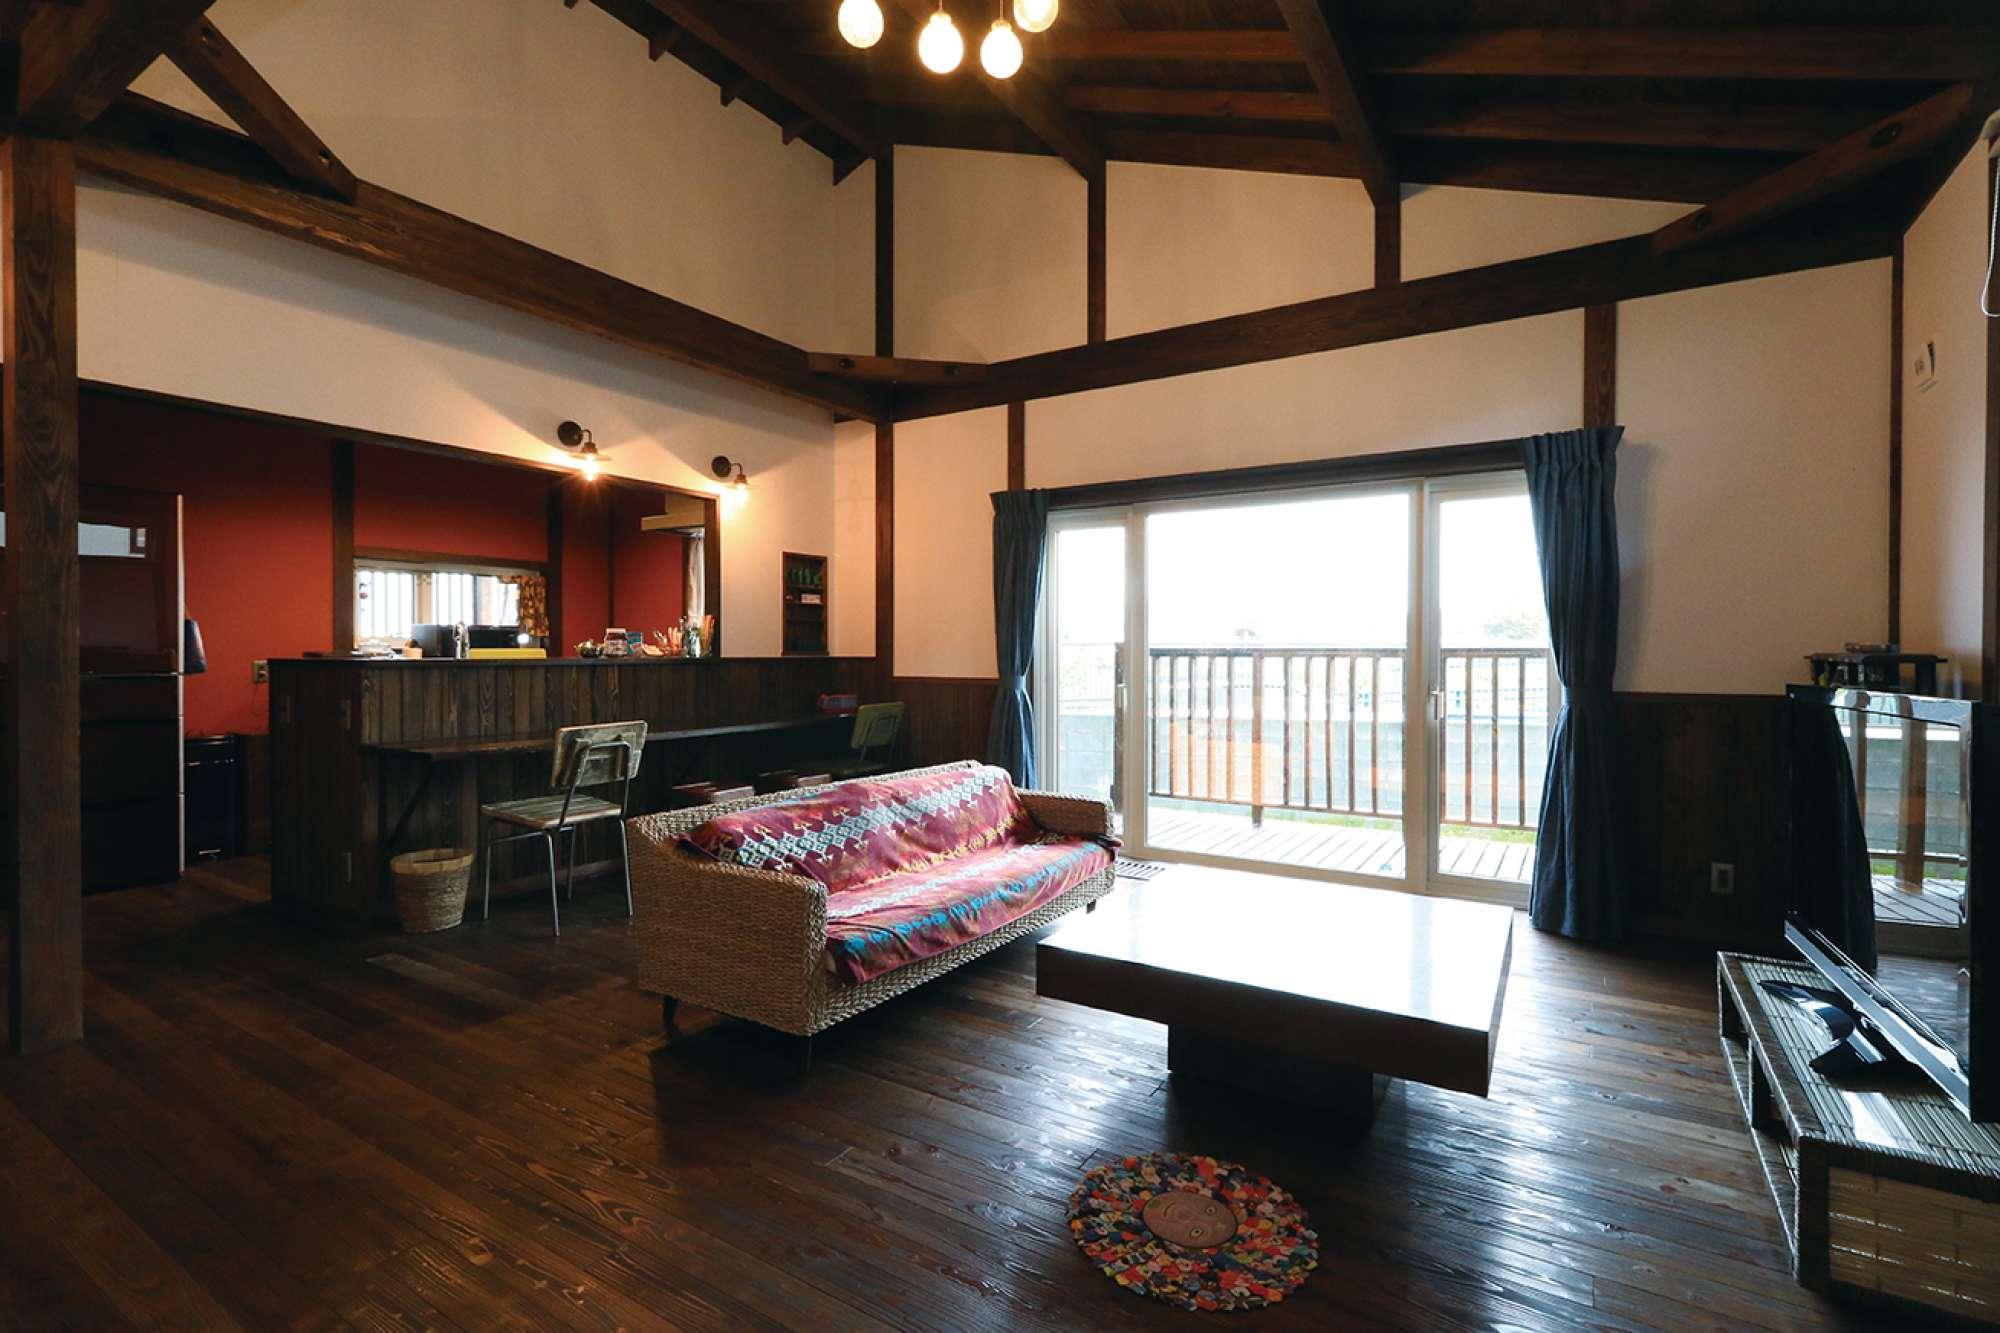 平屋だが表し天井のため天井が高く、開放感あふれるリビング -  -  -